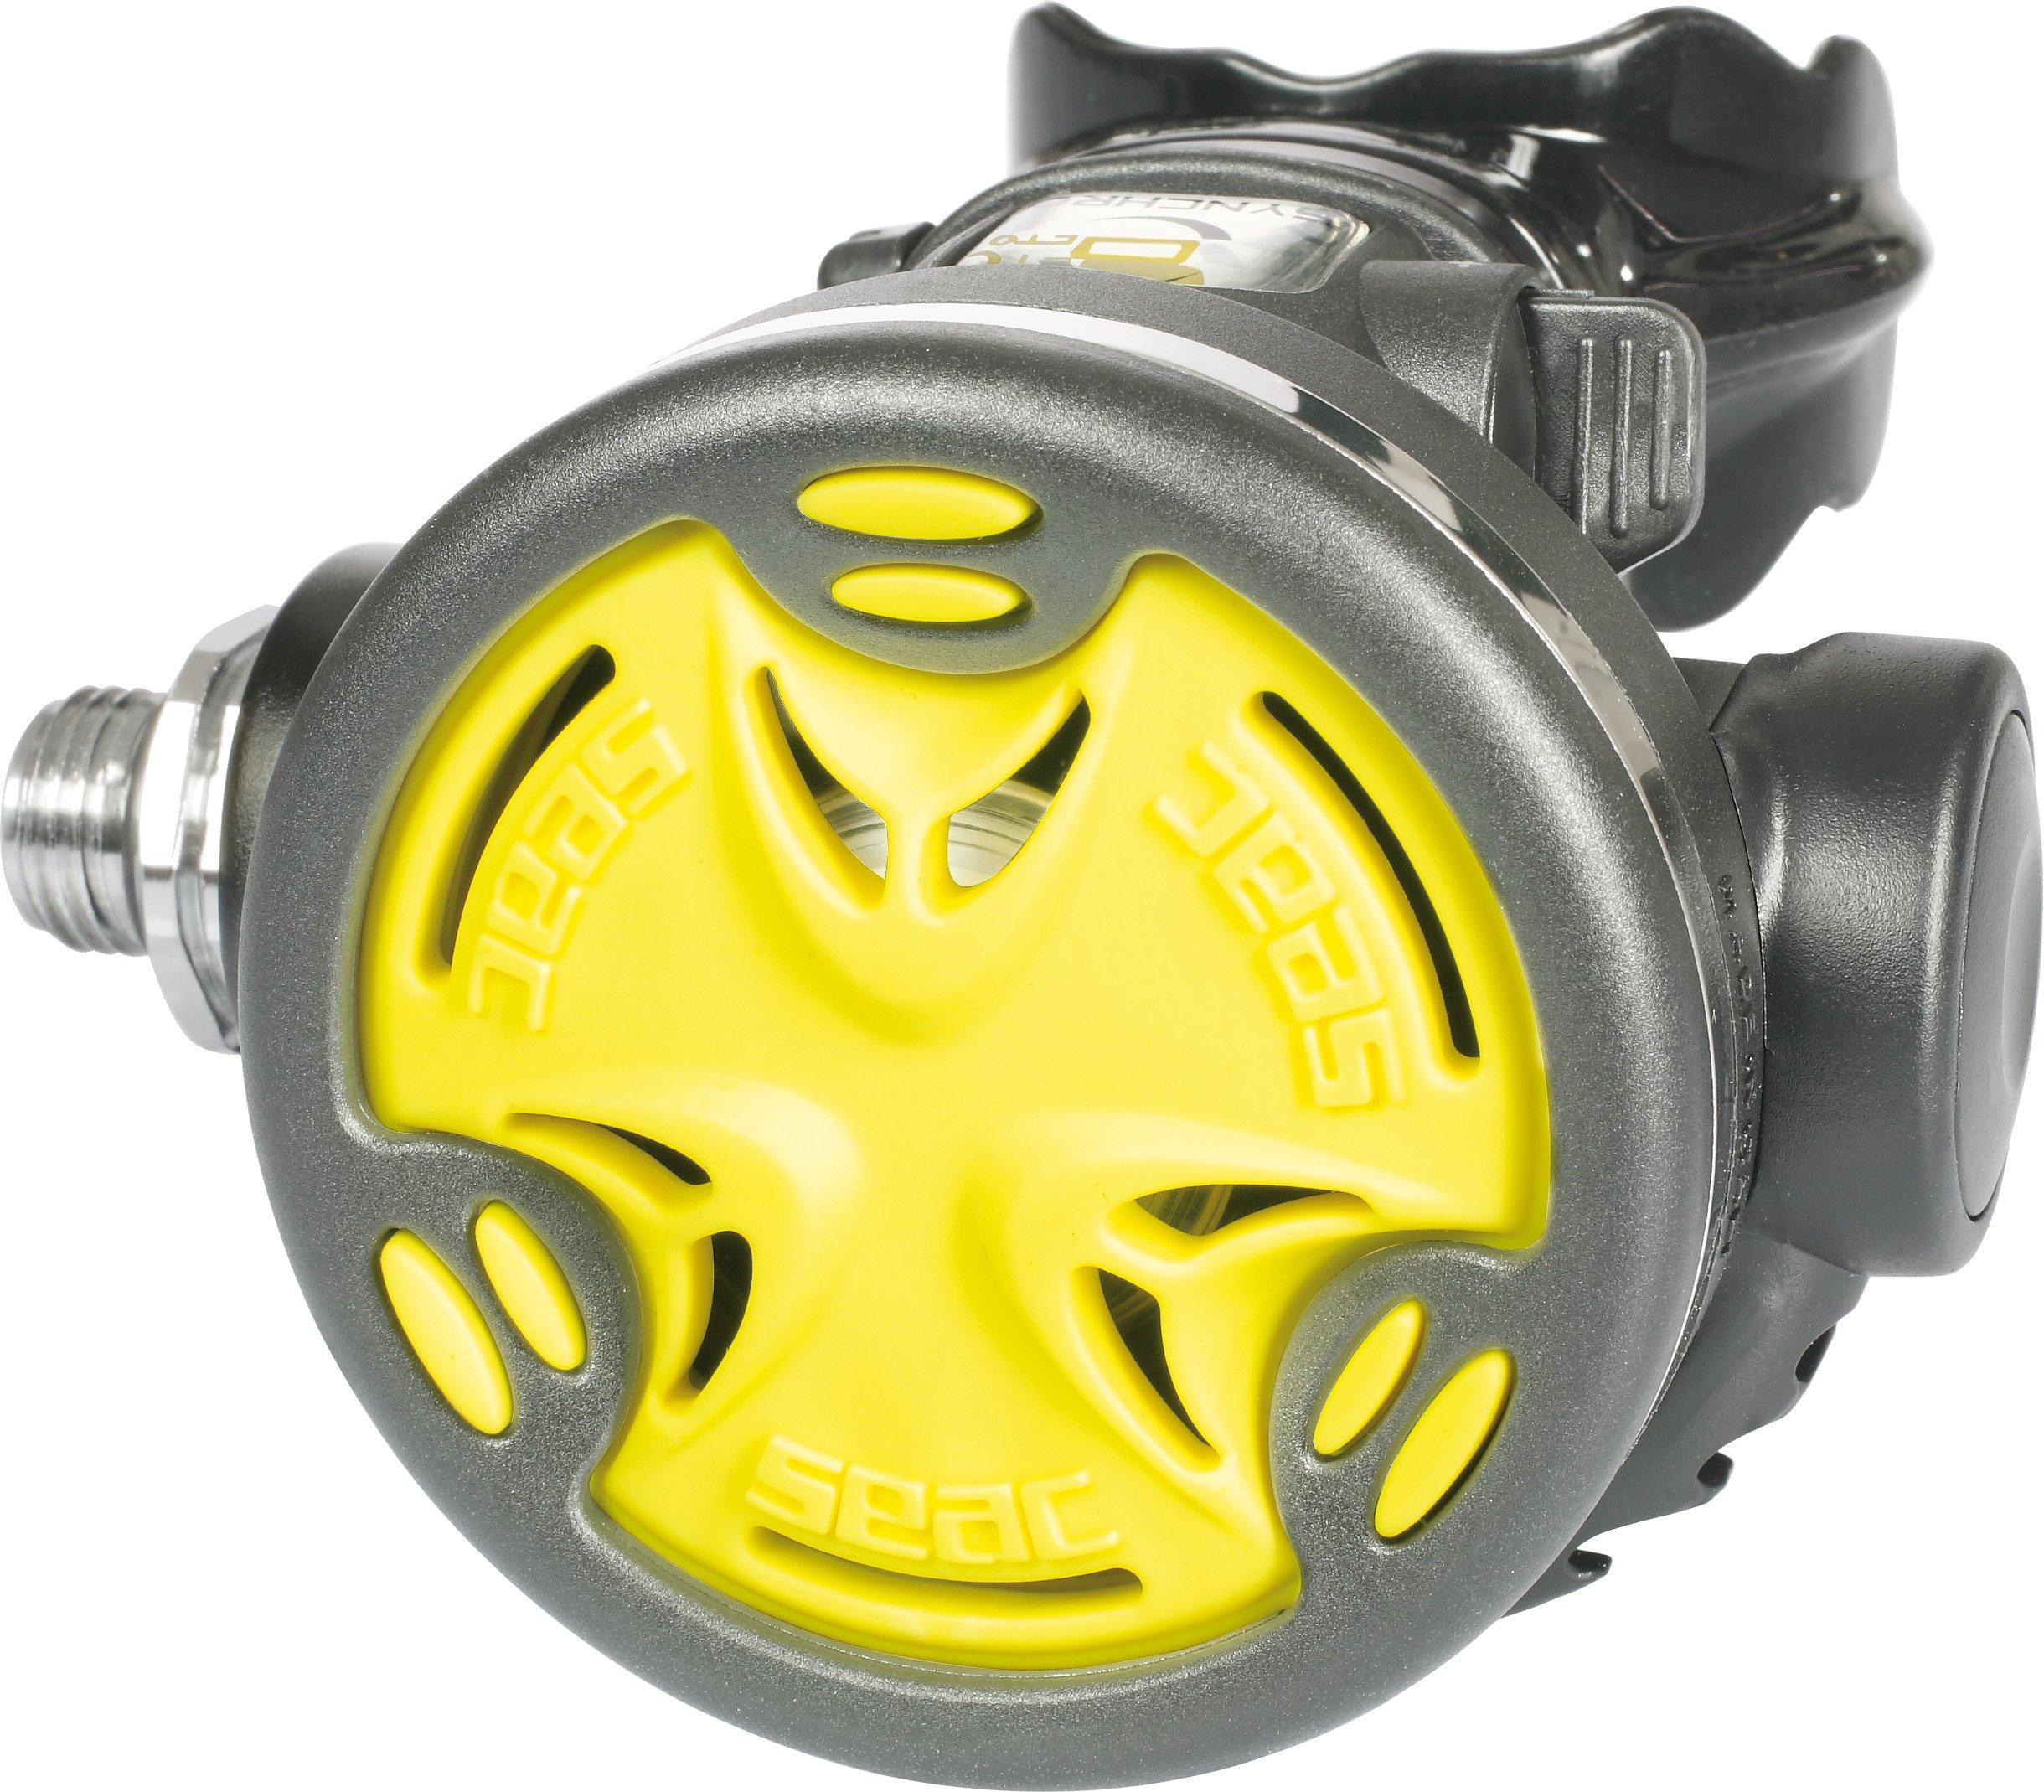 SEAC Scuba Diving Octo Synchro Regulator